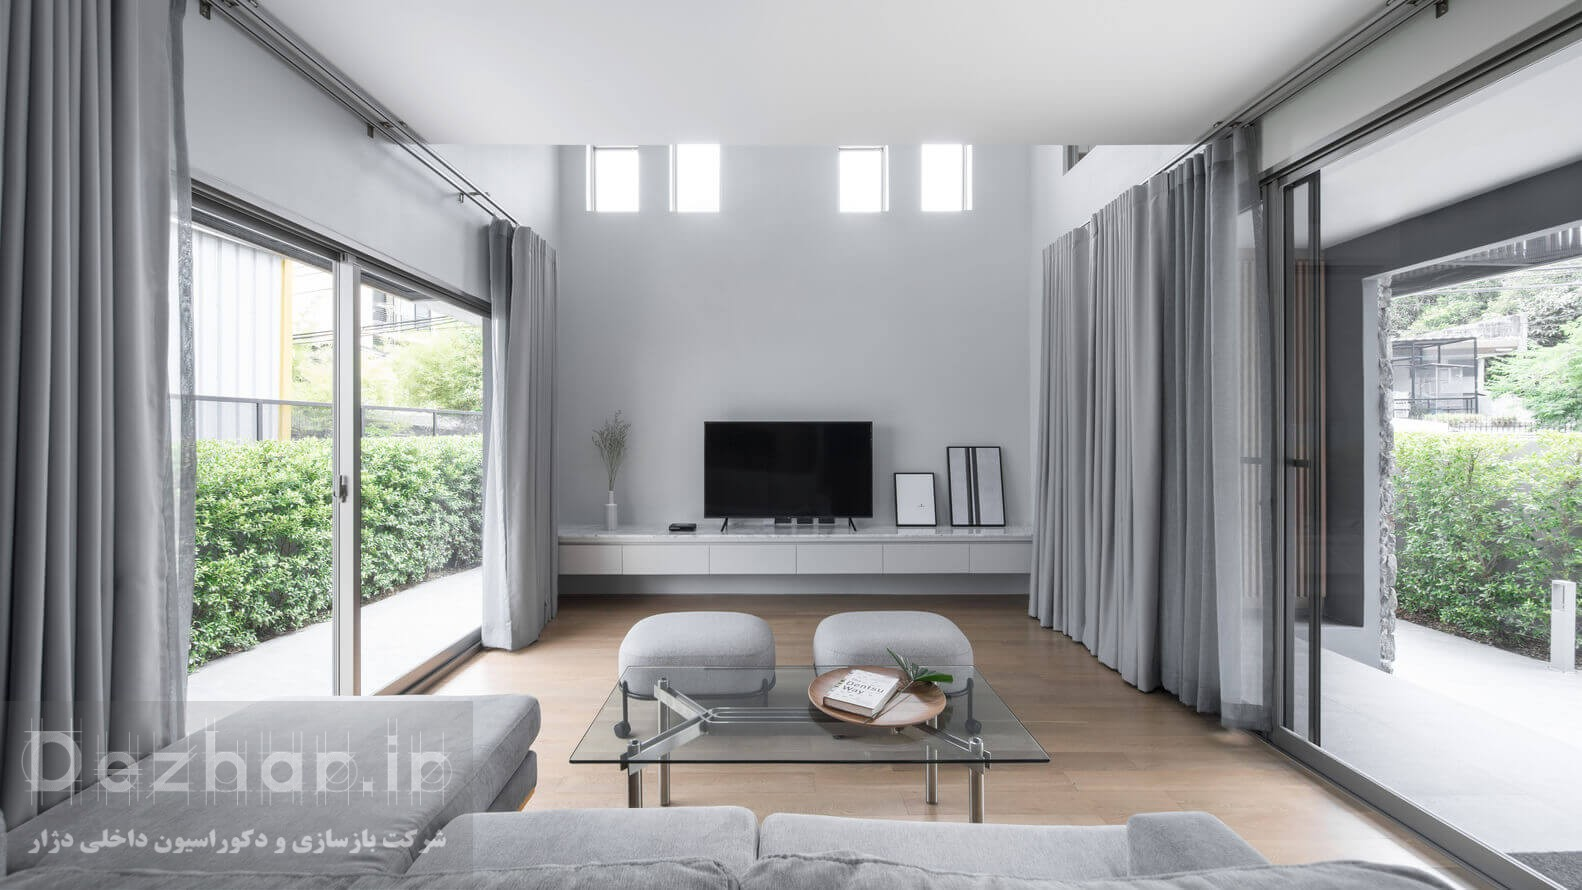 بازسازی و طراحی داخلی خانه